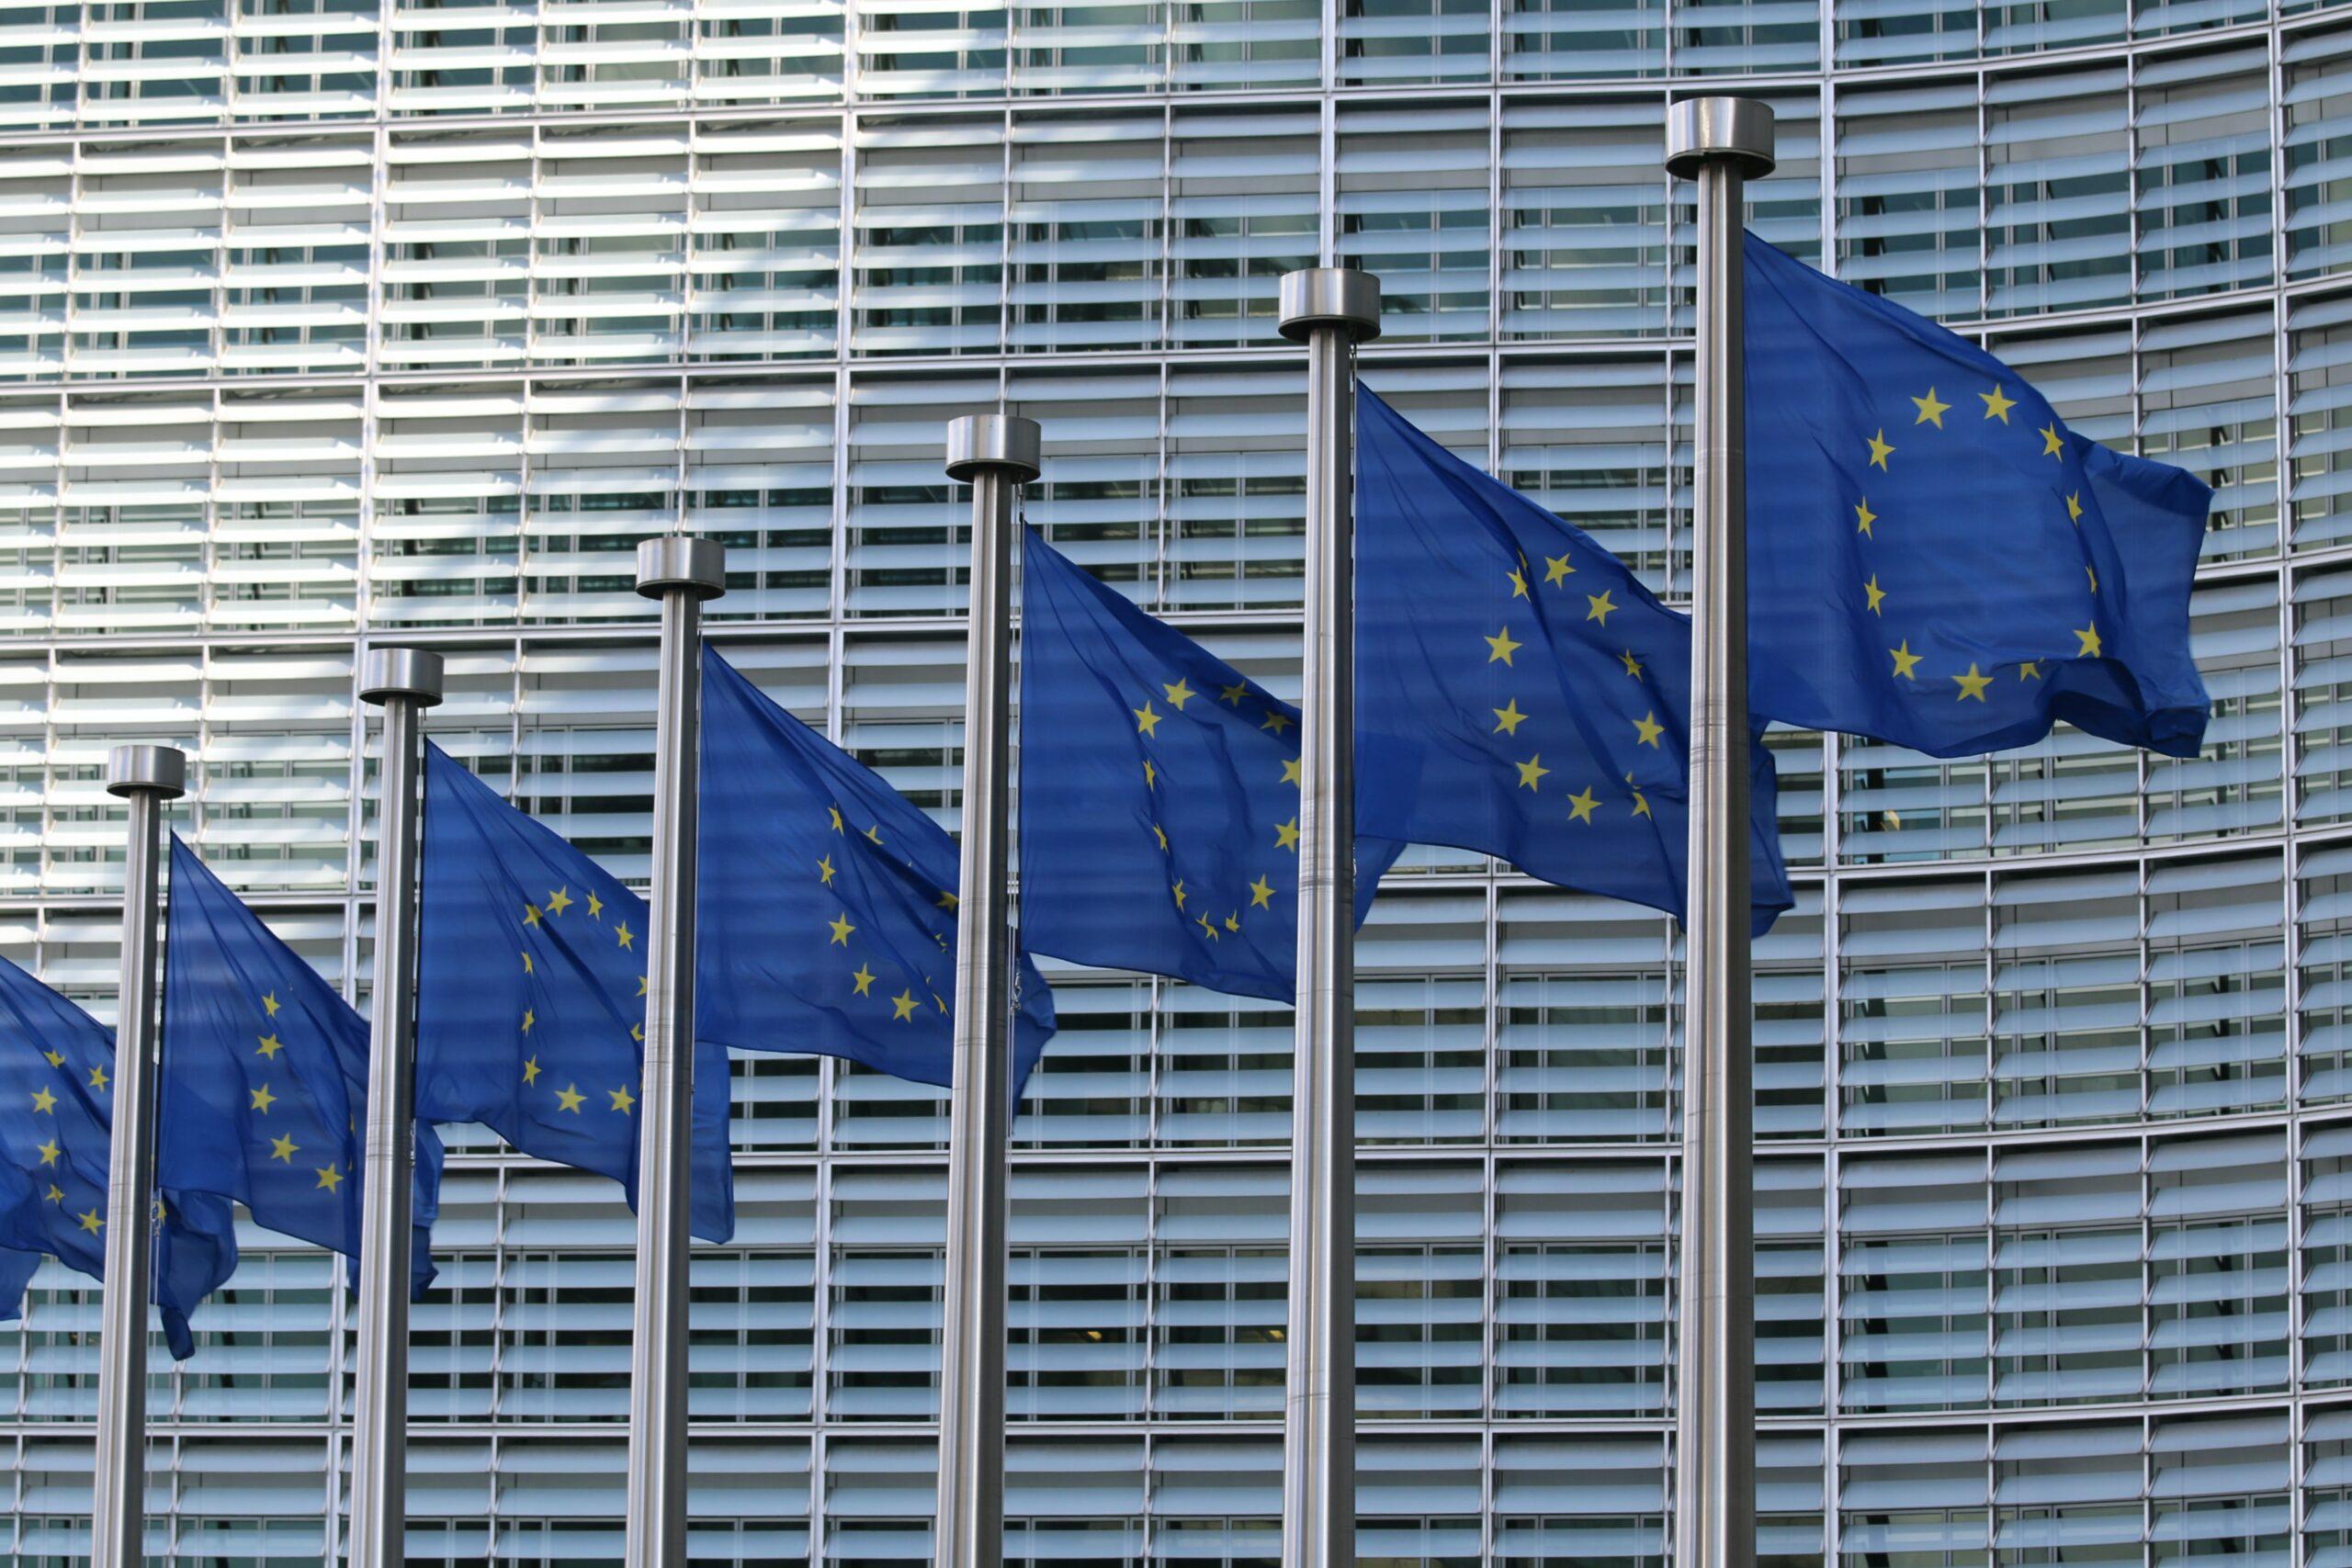 Sejmik za Unią Europejską. Wzywa rząd, by nie wetował unijnego budżetu